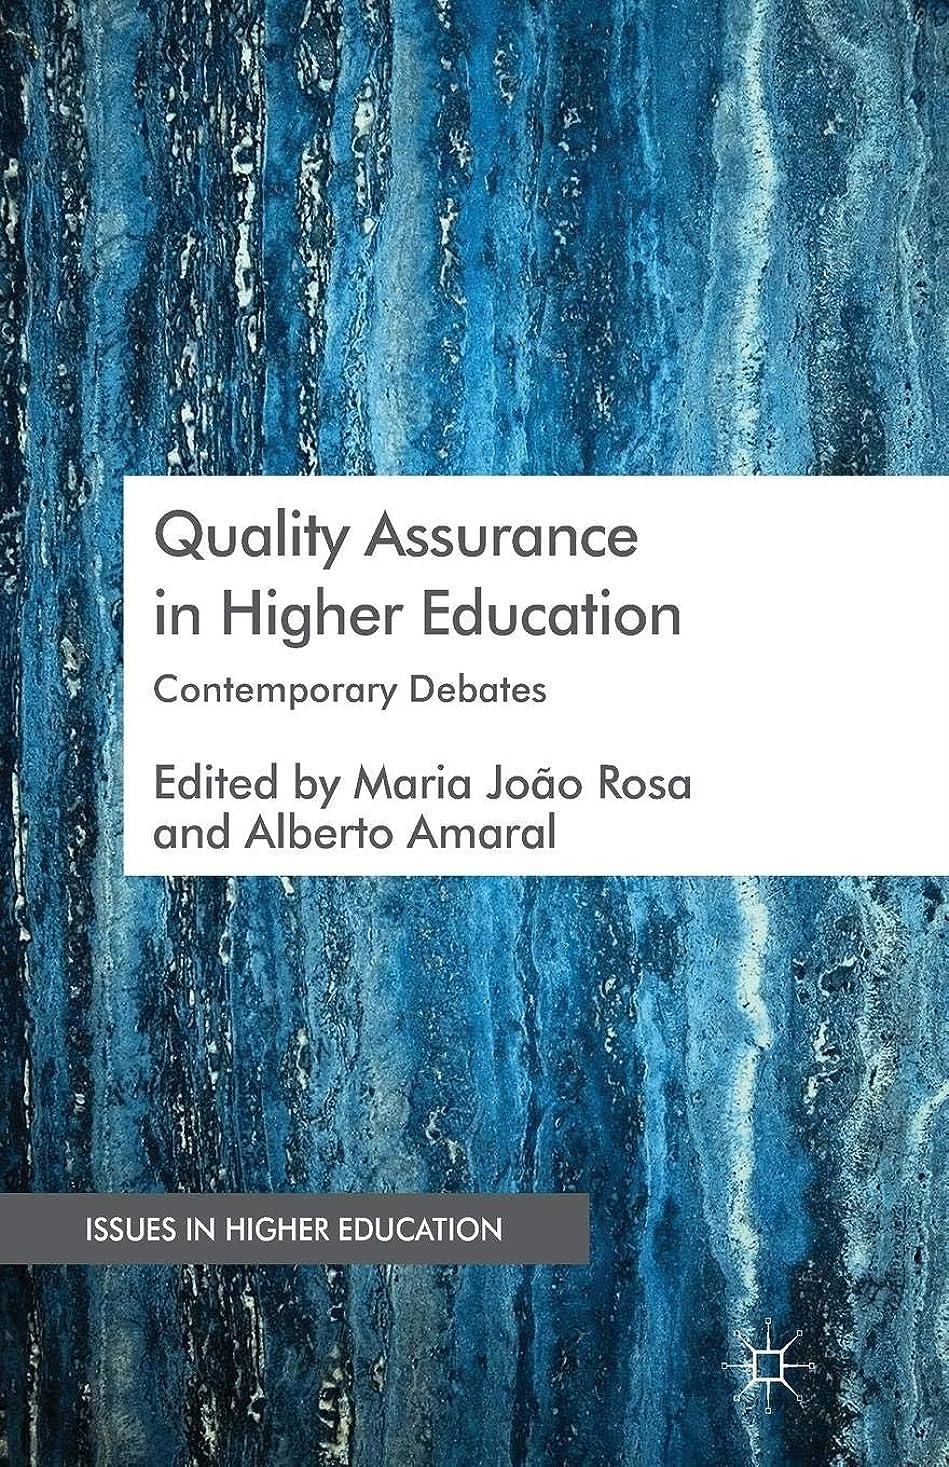 苛性尽きる頼むQuality Assurance in Higher Education: Contemporary Debates (Issues in Higher Education)